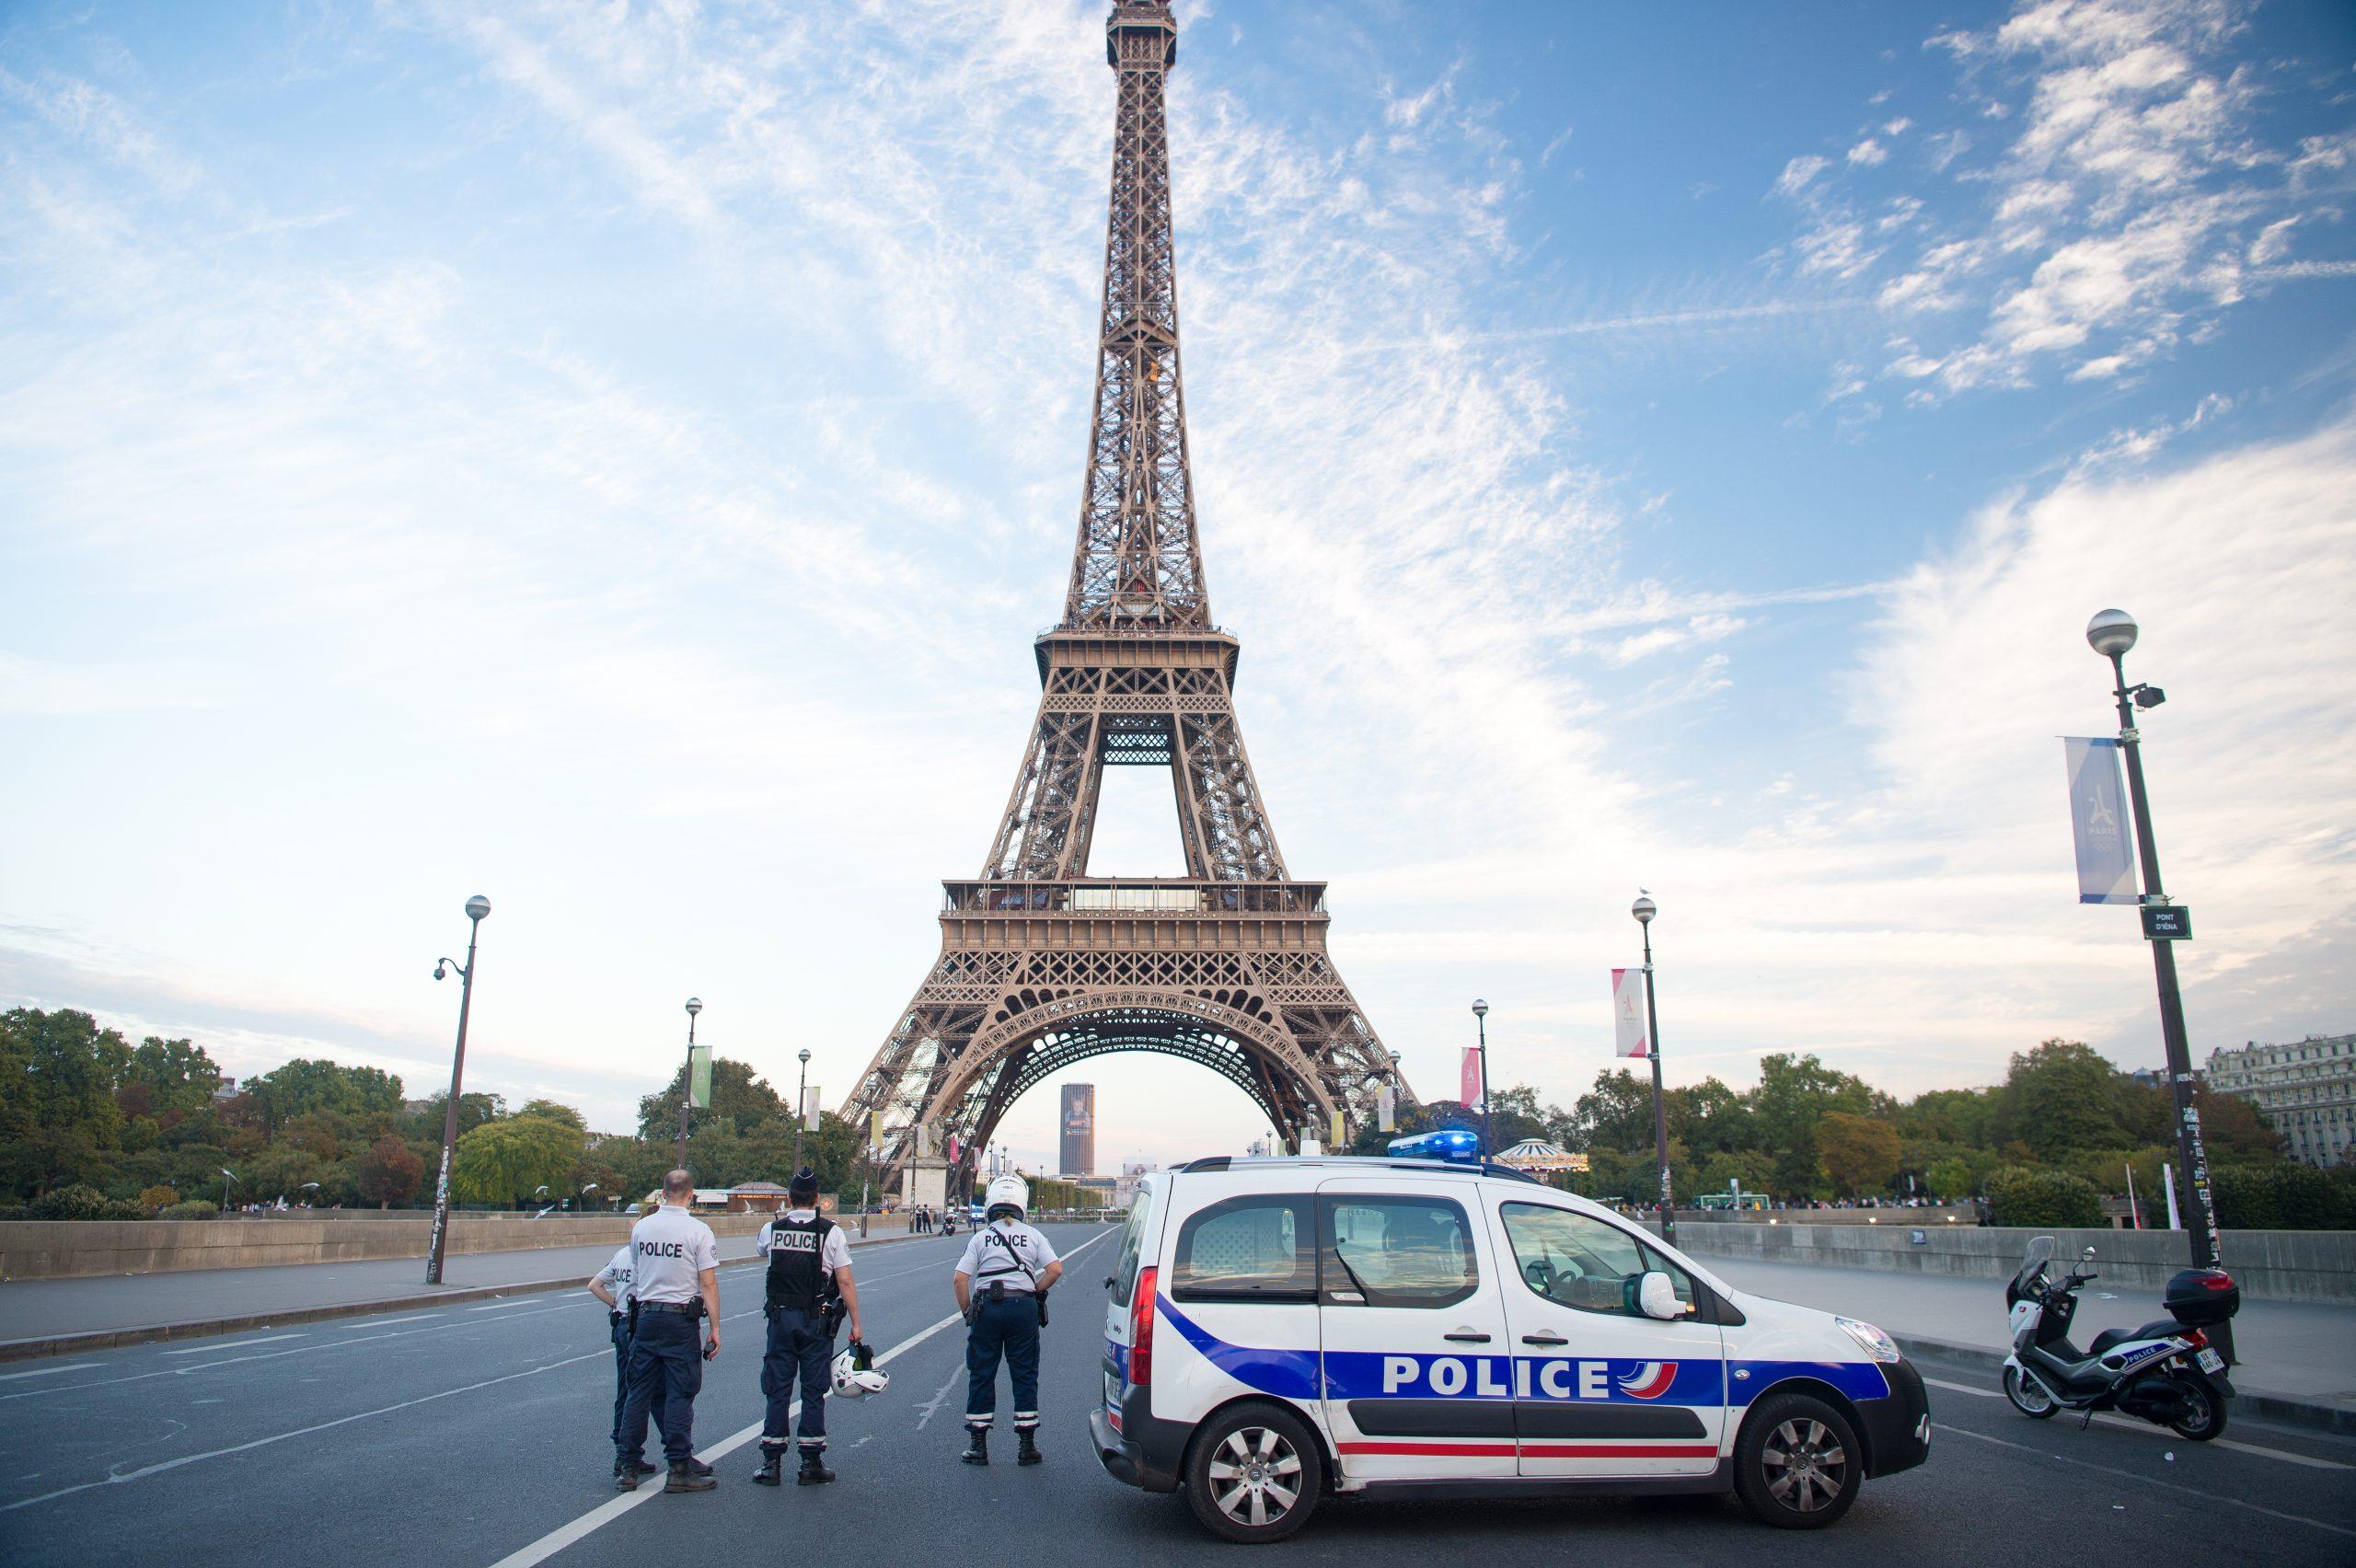 Fransa'da İslamofobi: Müslümanlara Baskı Devlet Eliyle Şiddete Dönüştü